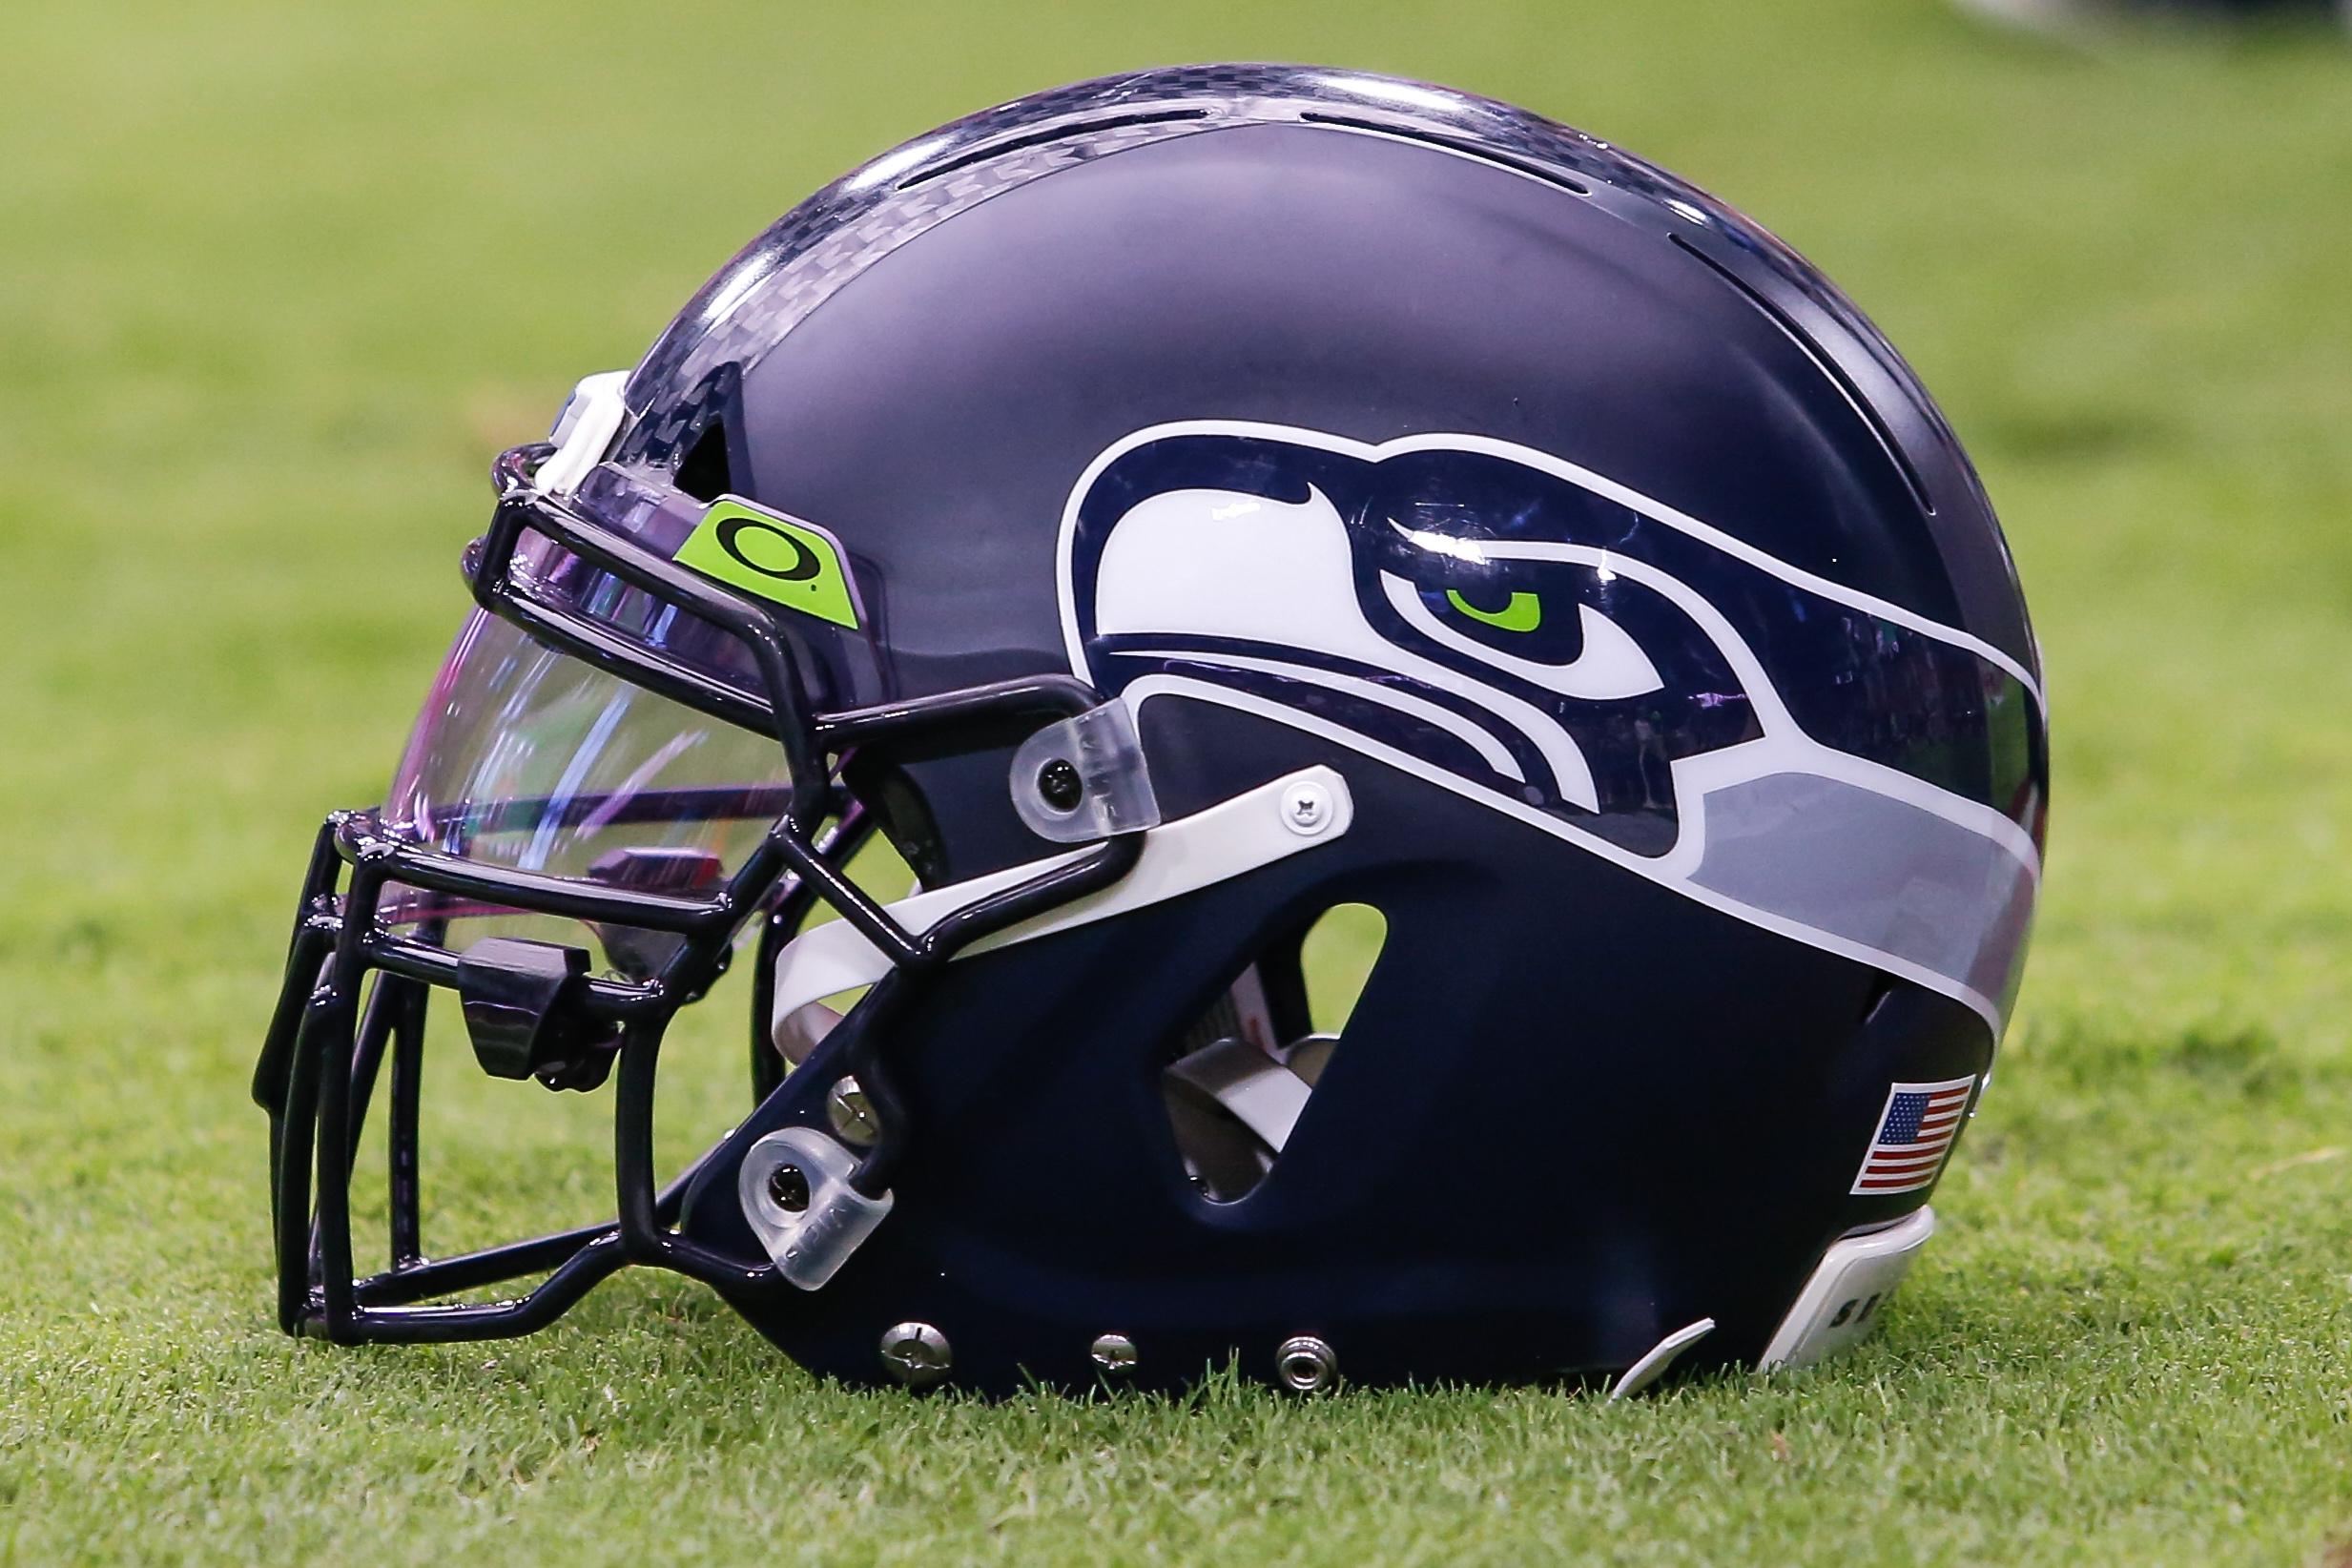 Seahawks helmet on the field